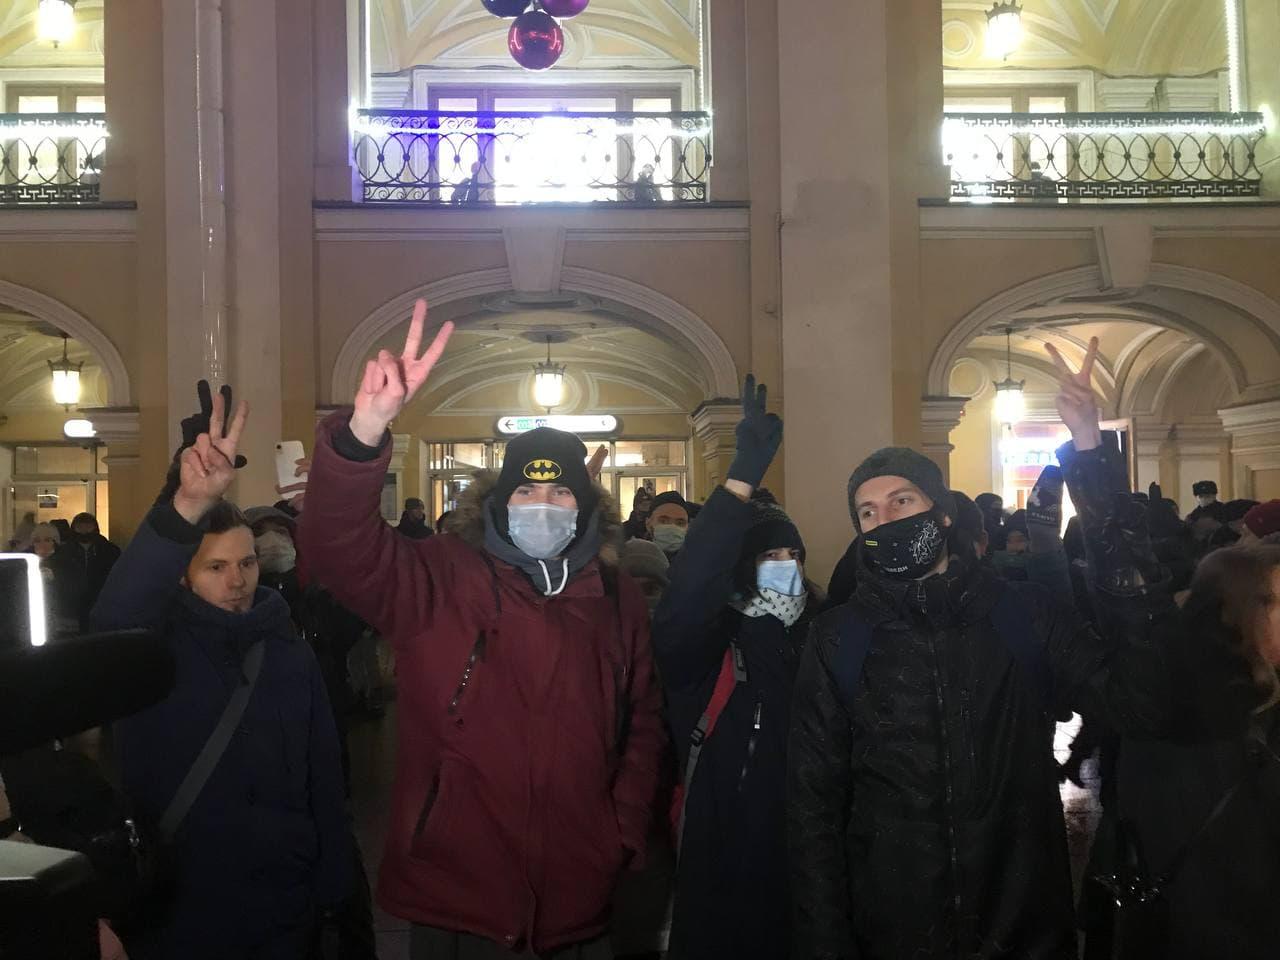 """фото ЗакС политика Активистов у Гостиного двора задержали на пикетах в поддержку Навального за поднятые в """"победном"""" жесте руки"""